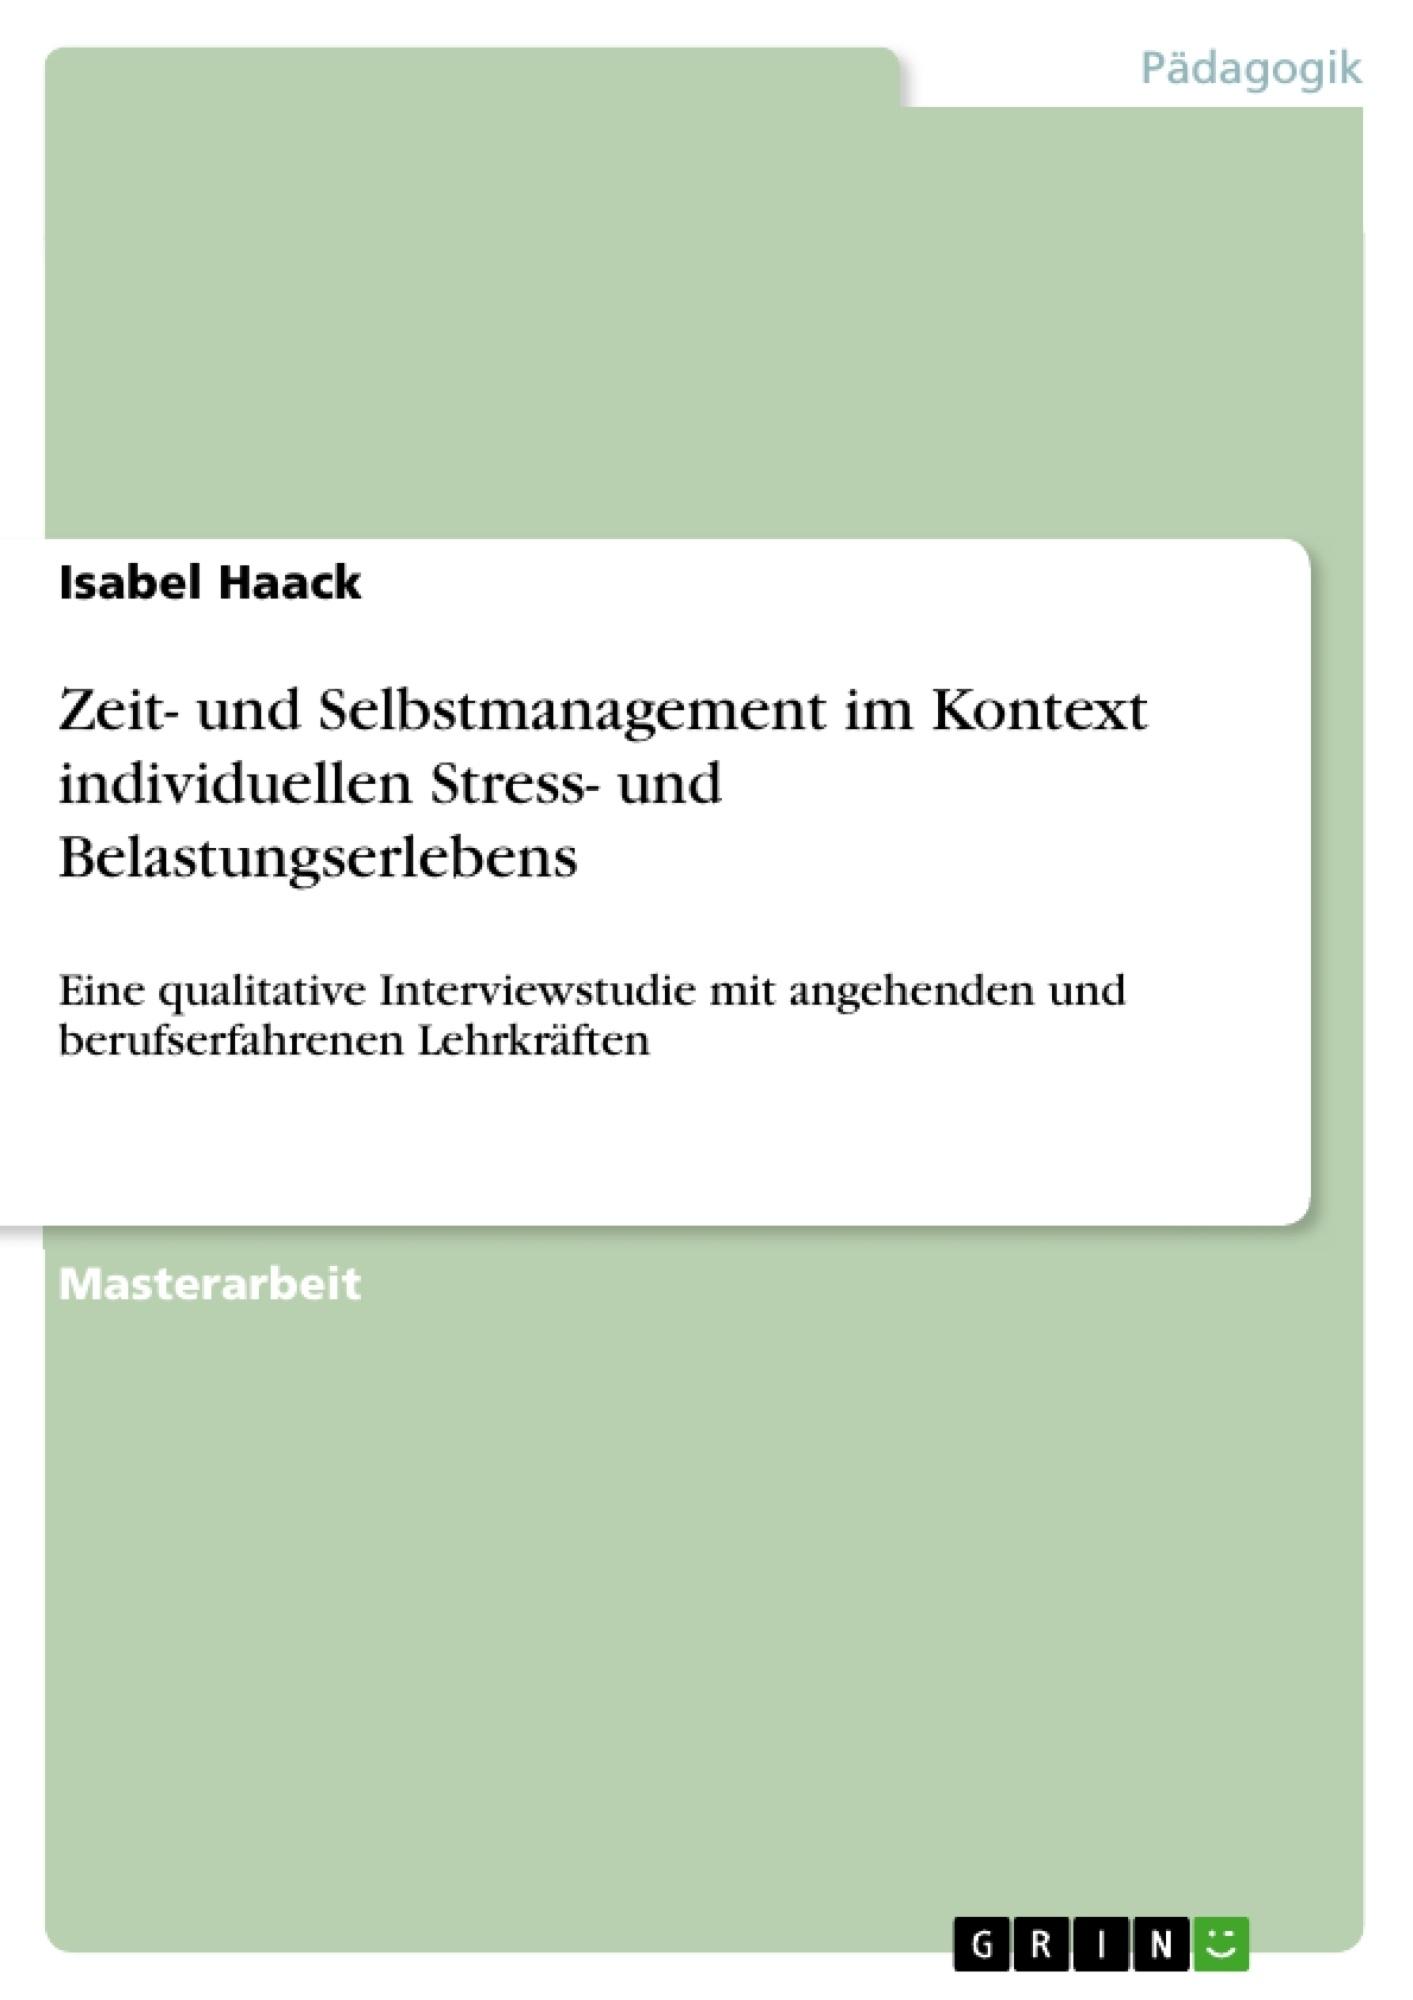 Titel: Zeit- und Selbstmanagement im Kontext individuellen Stress- und Belastungserlebens